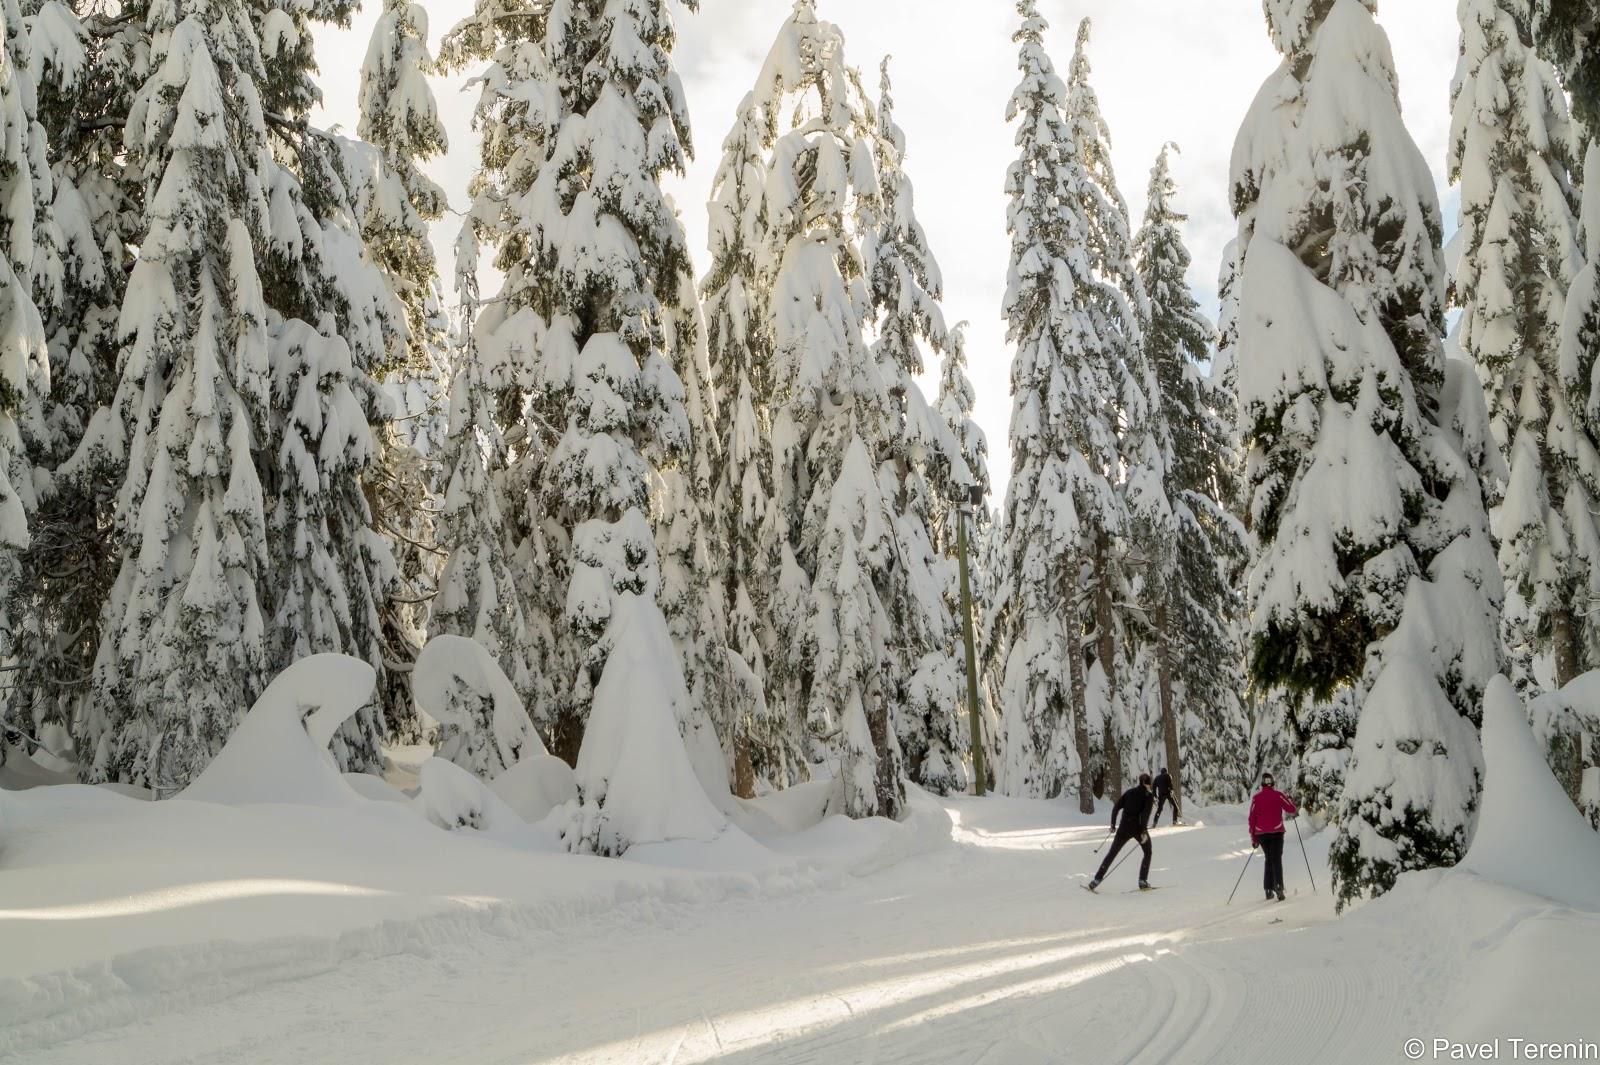 одинокие лыжники, а так же организованные группы